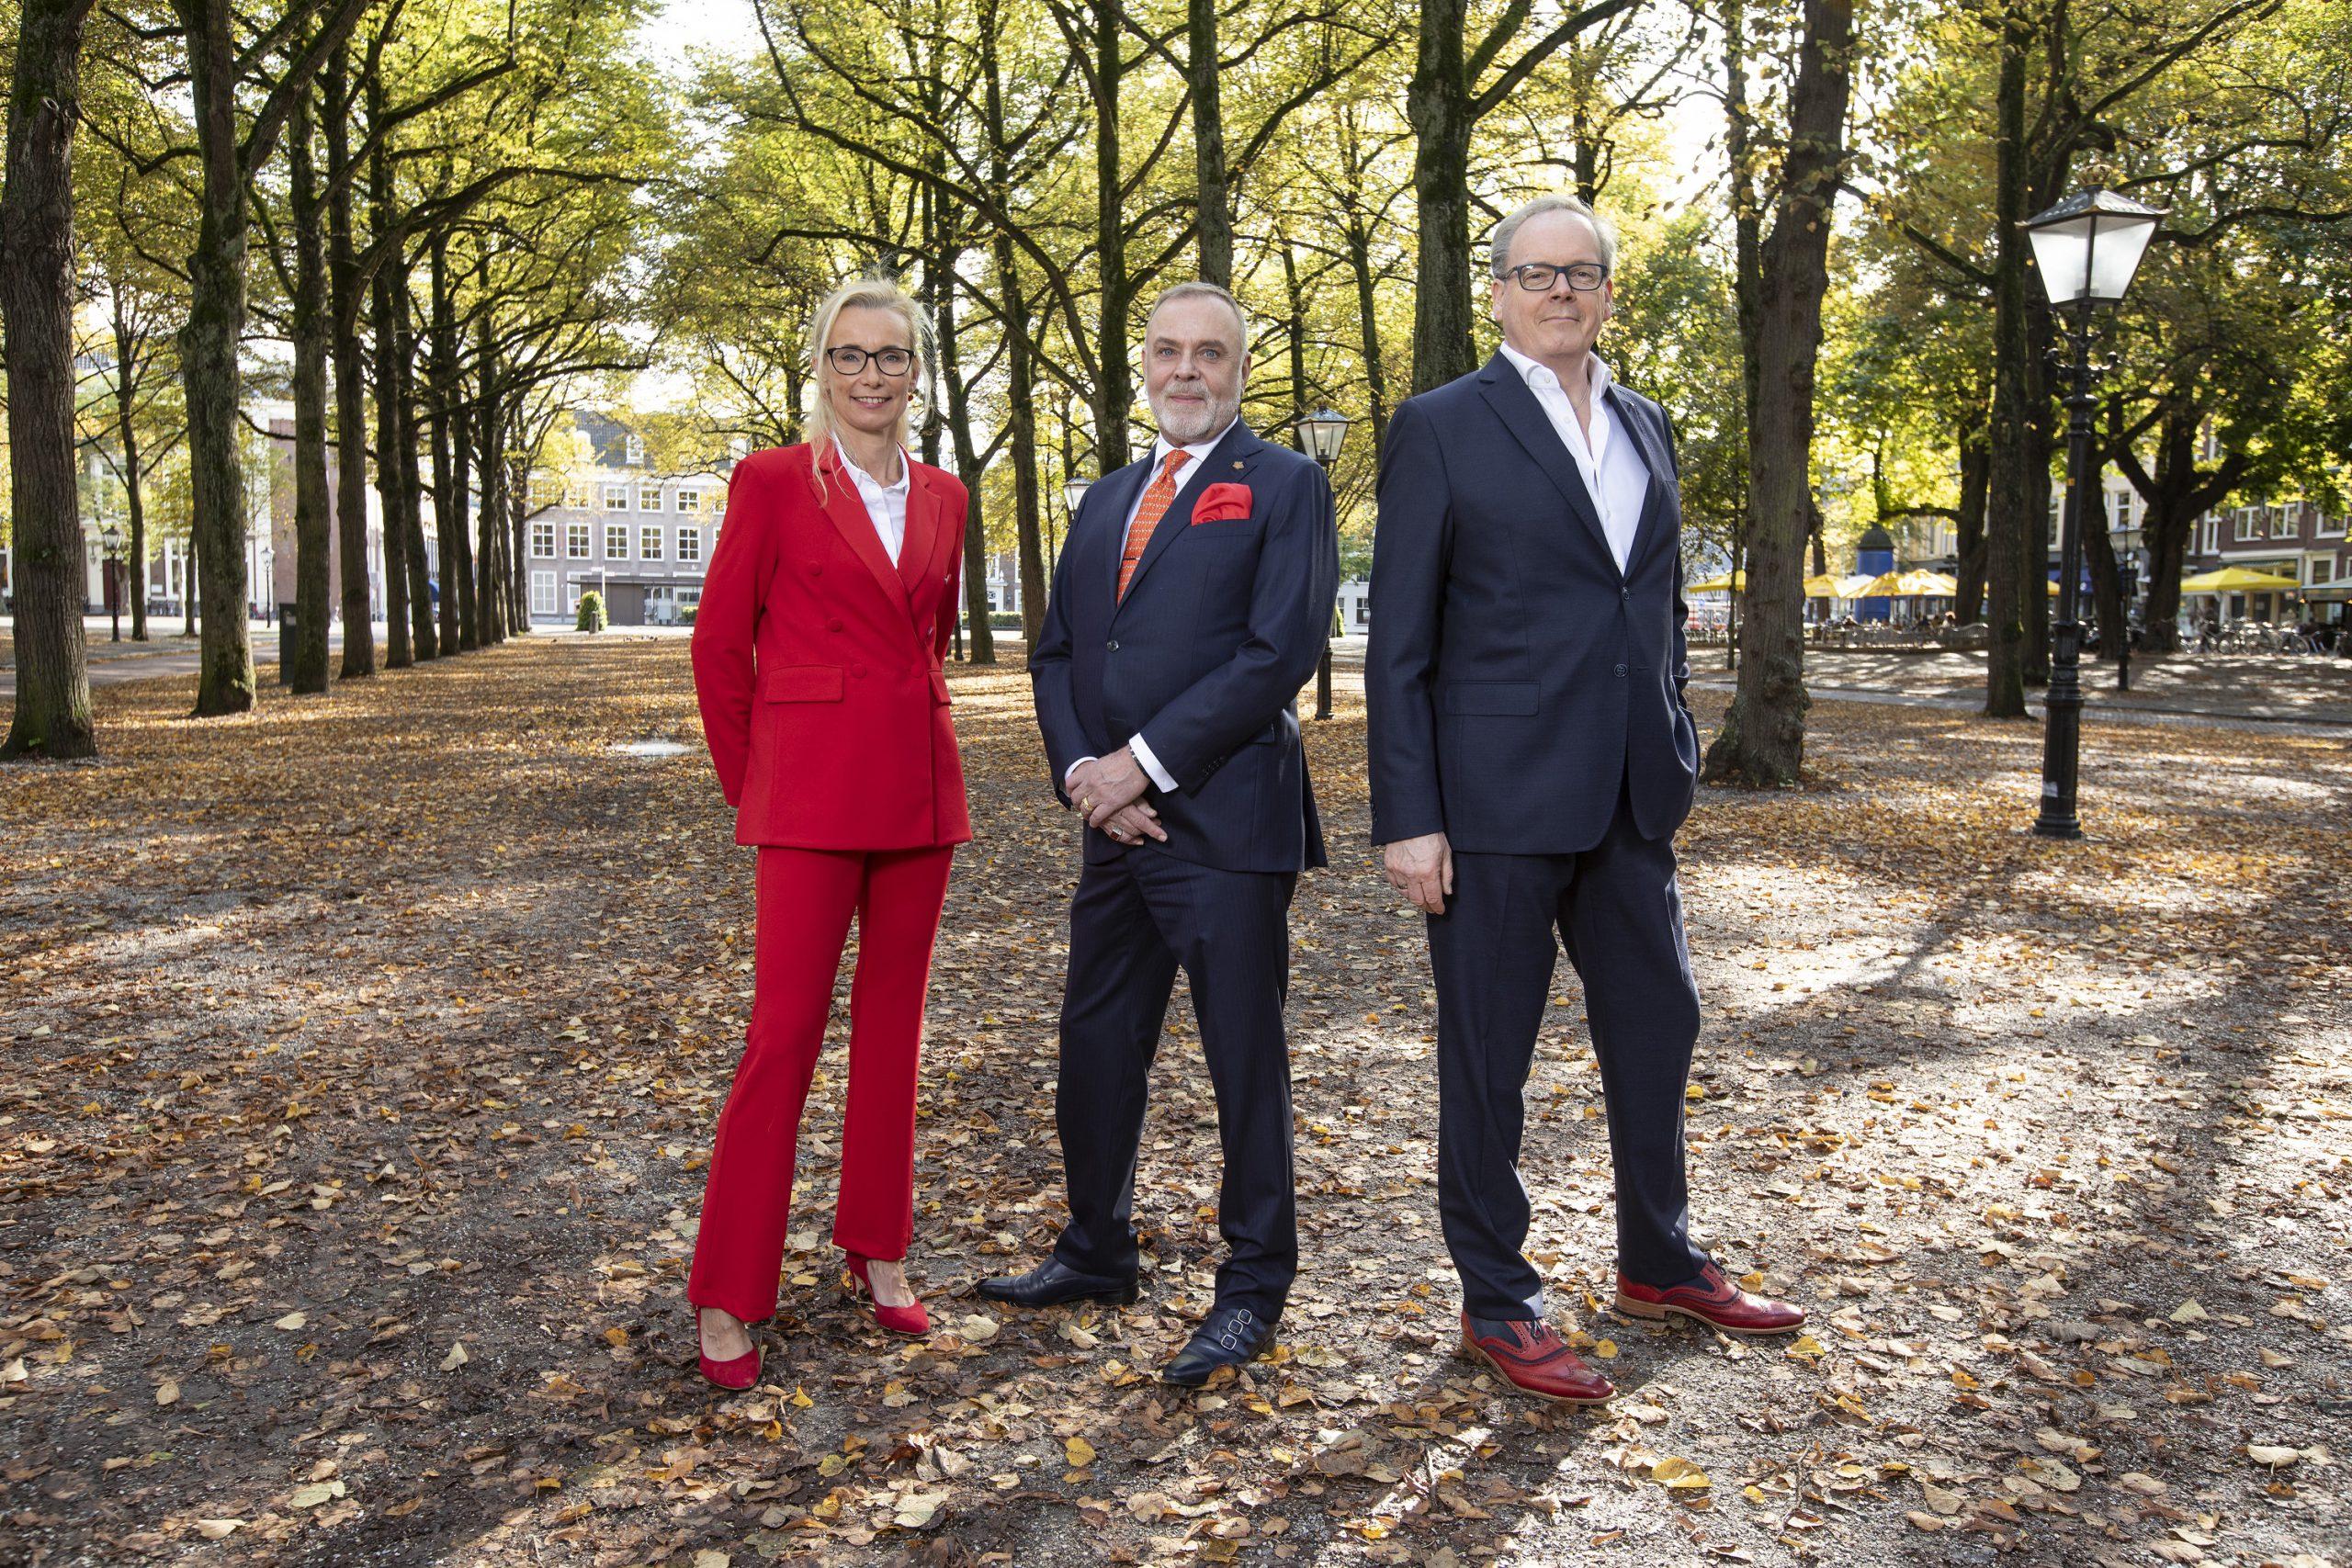 Het bestuur van de Stichting Hofleveranciers poserend op het Lange Voorhout in Den Haag. Imre Krull, Jan-Willem Klein en Ron Willems